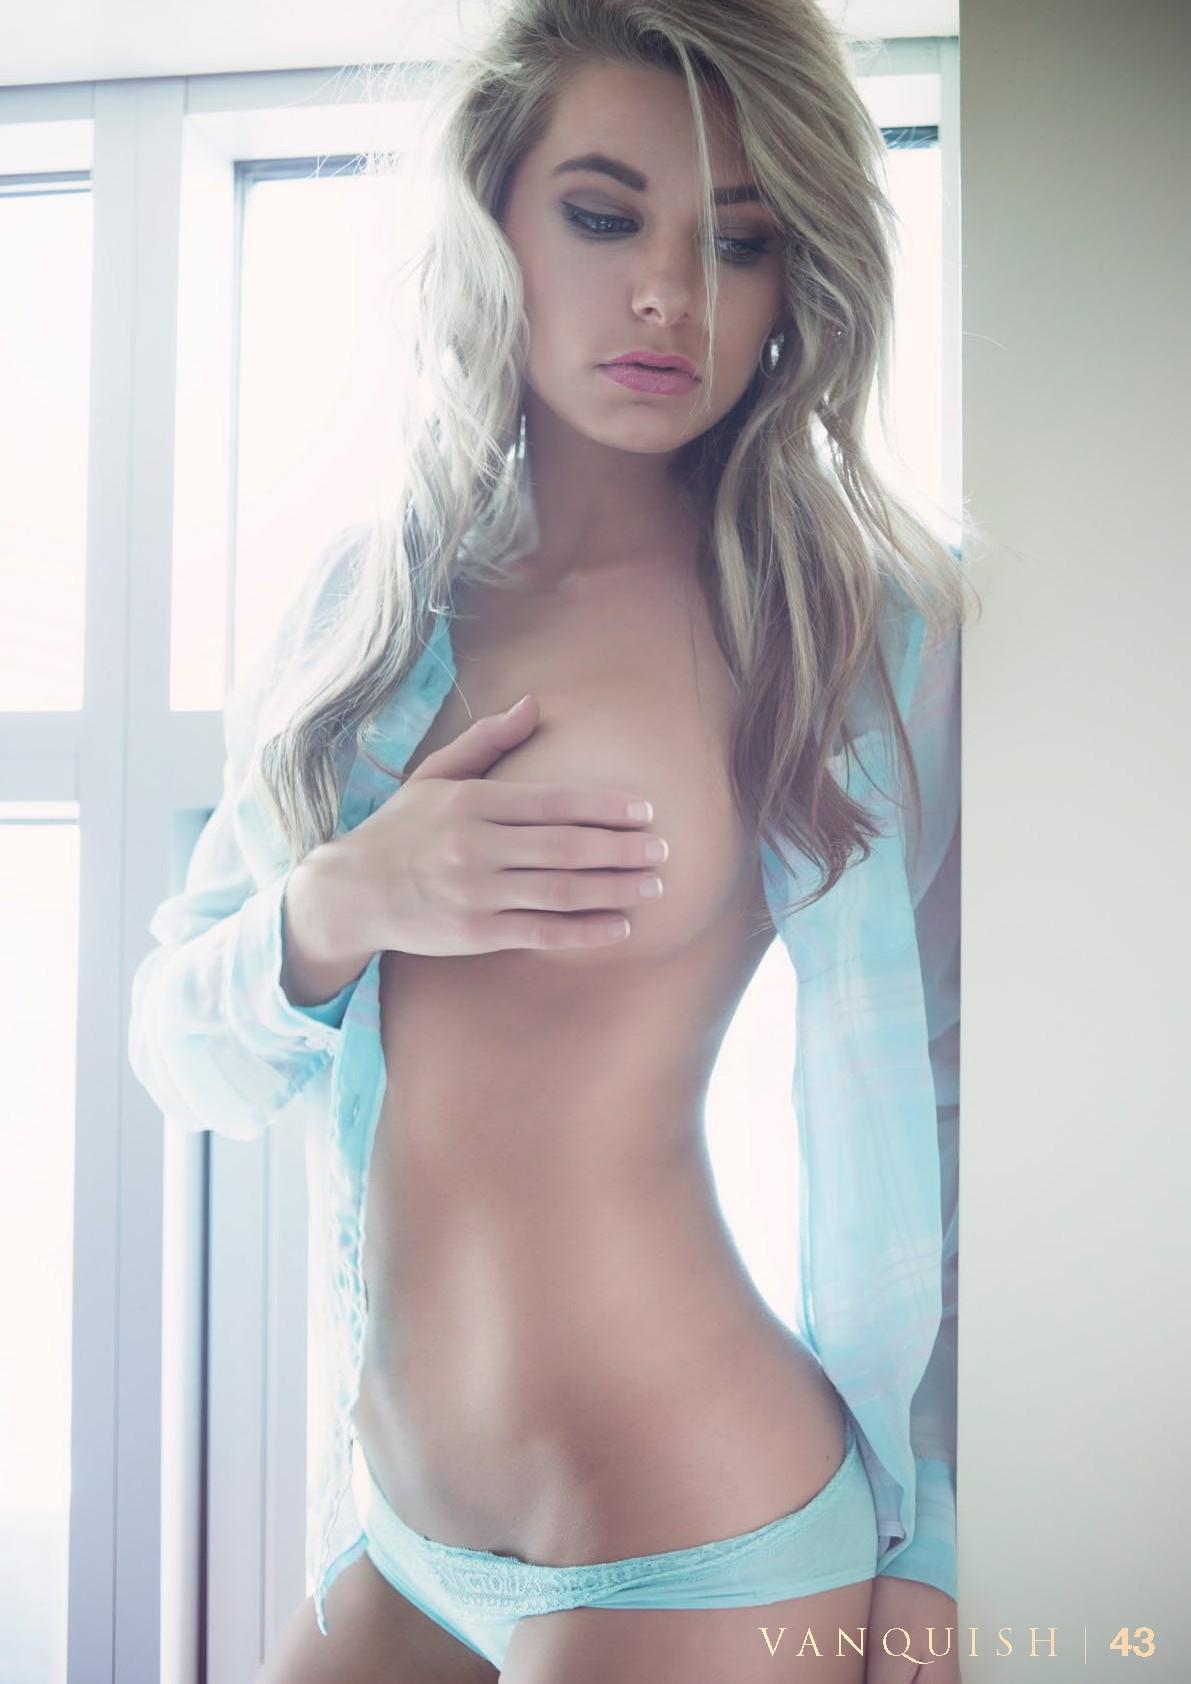 Ashlee tisdale porn